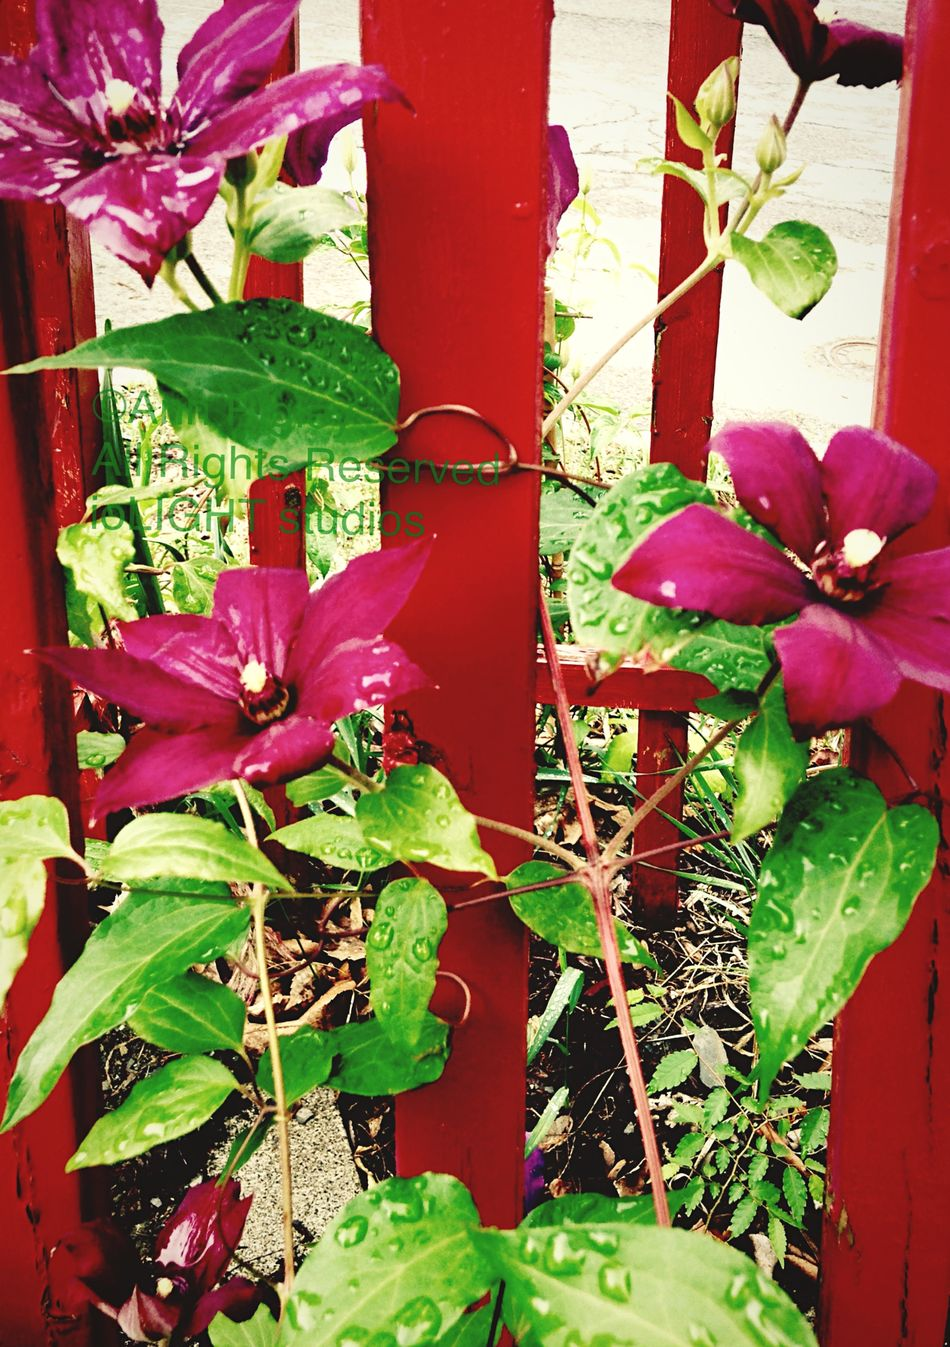 ©Ann Norsworthy Rigley Neighborhood Gardens 7 Clematis IoLIGHTstudios  Flowers,Plants & Garden Nature Schenectady, NY